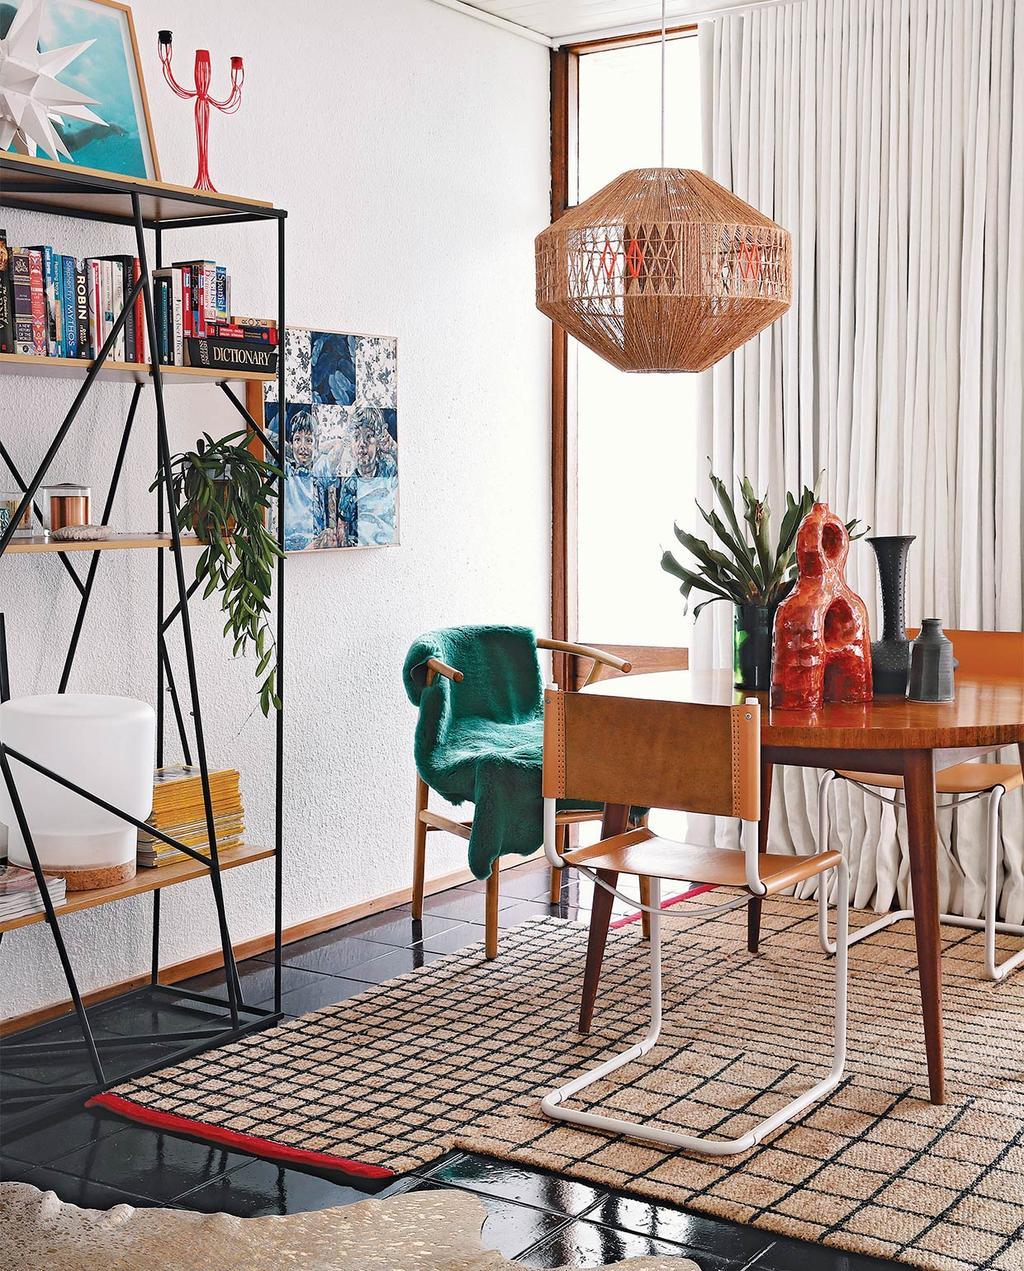 vtwonen special zomerhuizen 07-2021 | een vloerkleed met verschillende rechte lijnen, met regisseursstoelen bij de ronde eettafel